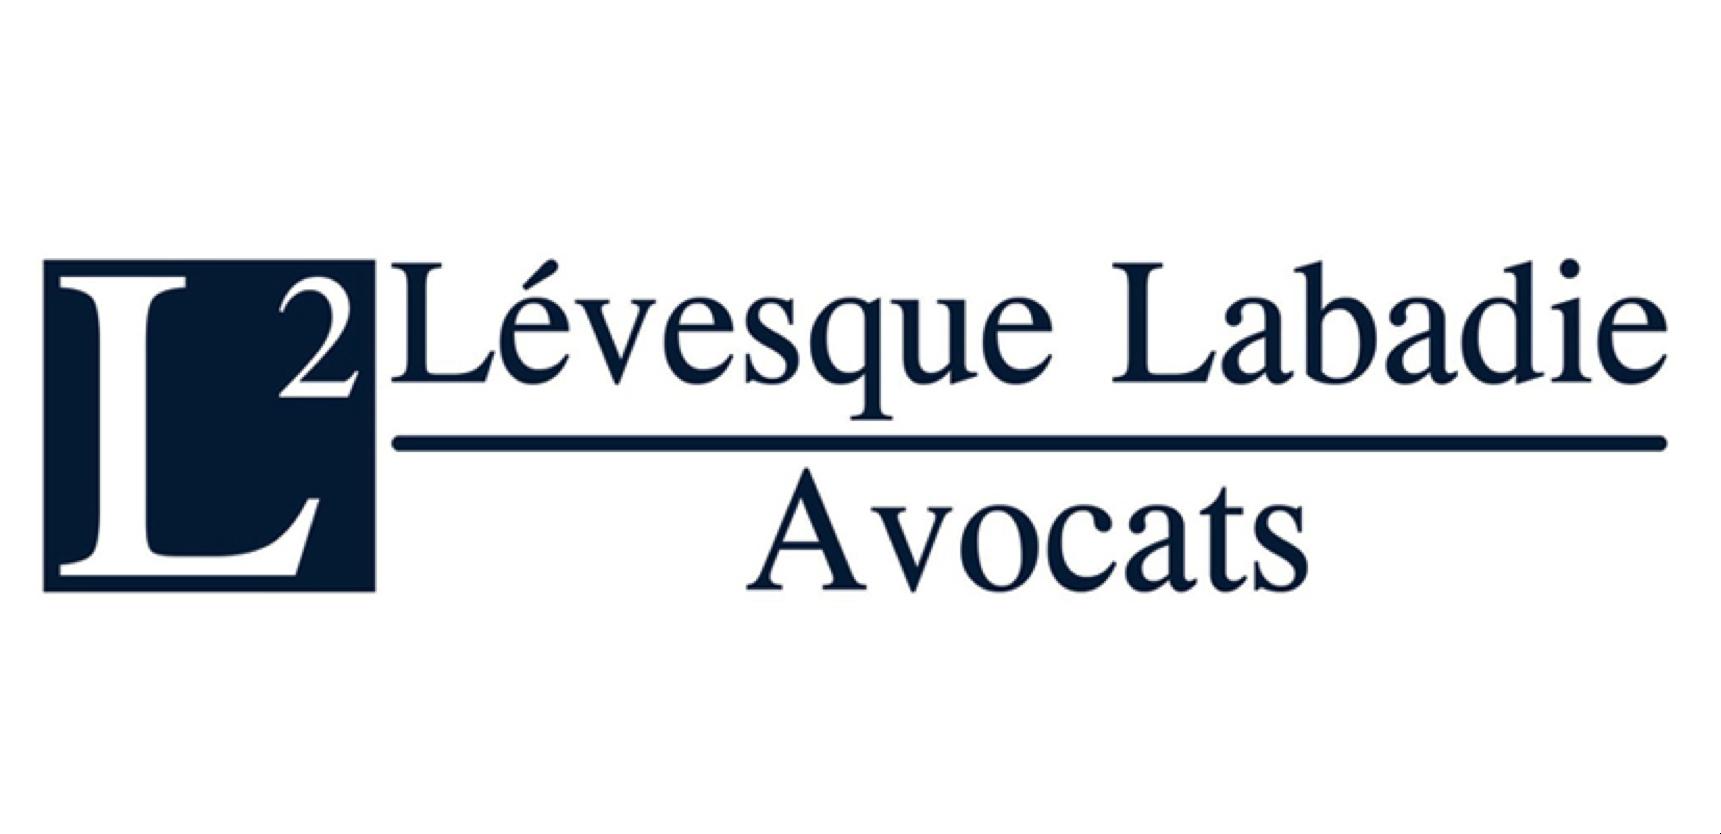 L2avocats